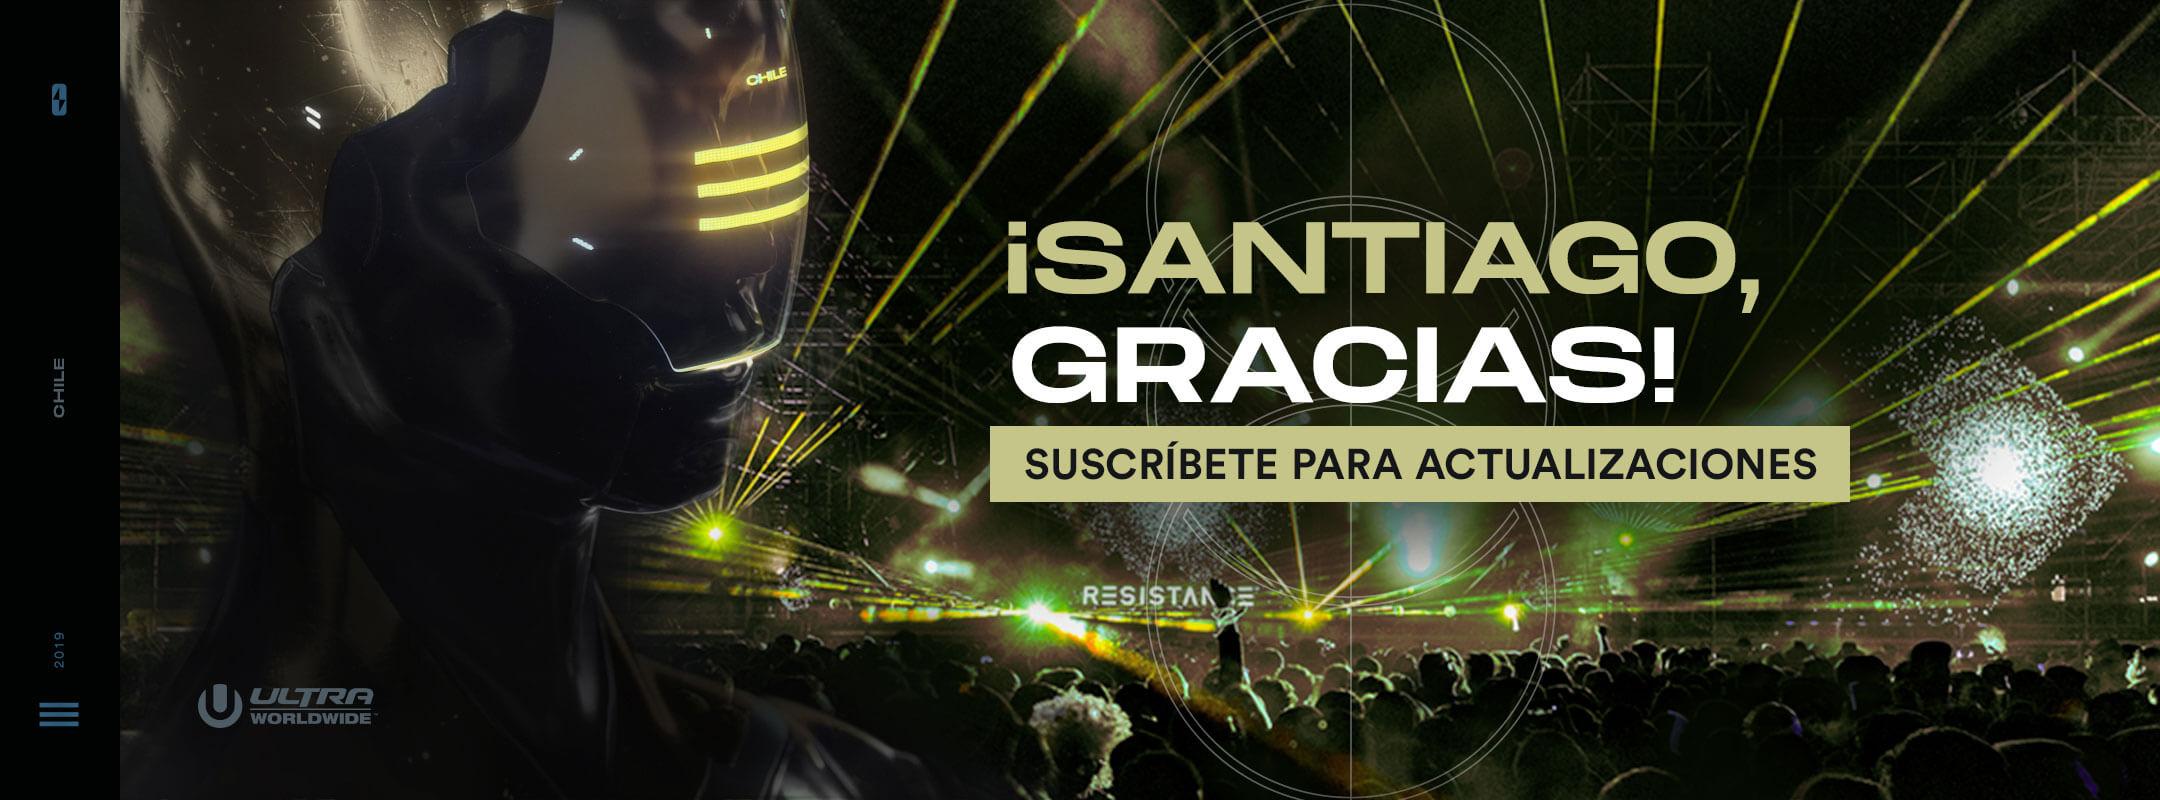 Recibe actualizaciones de RESISTANCE Santiago